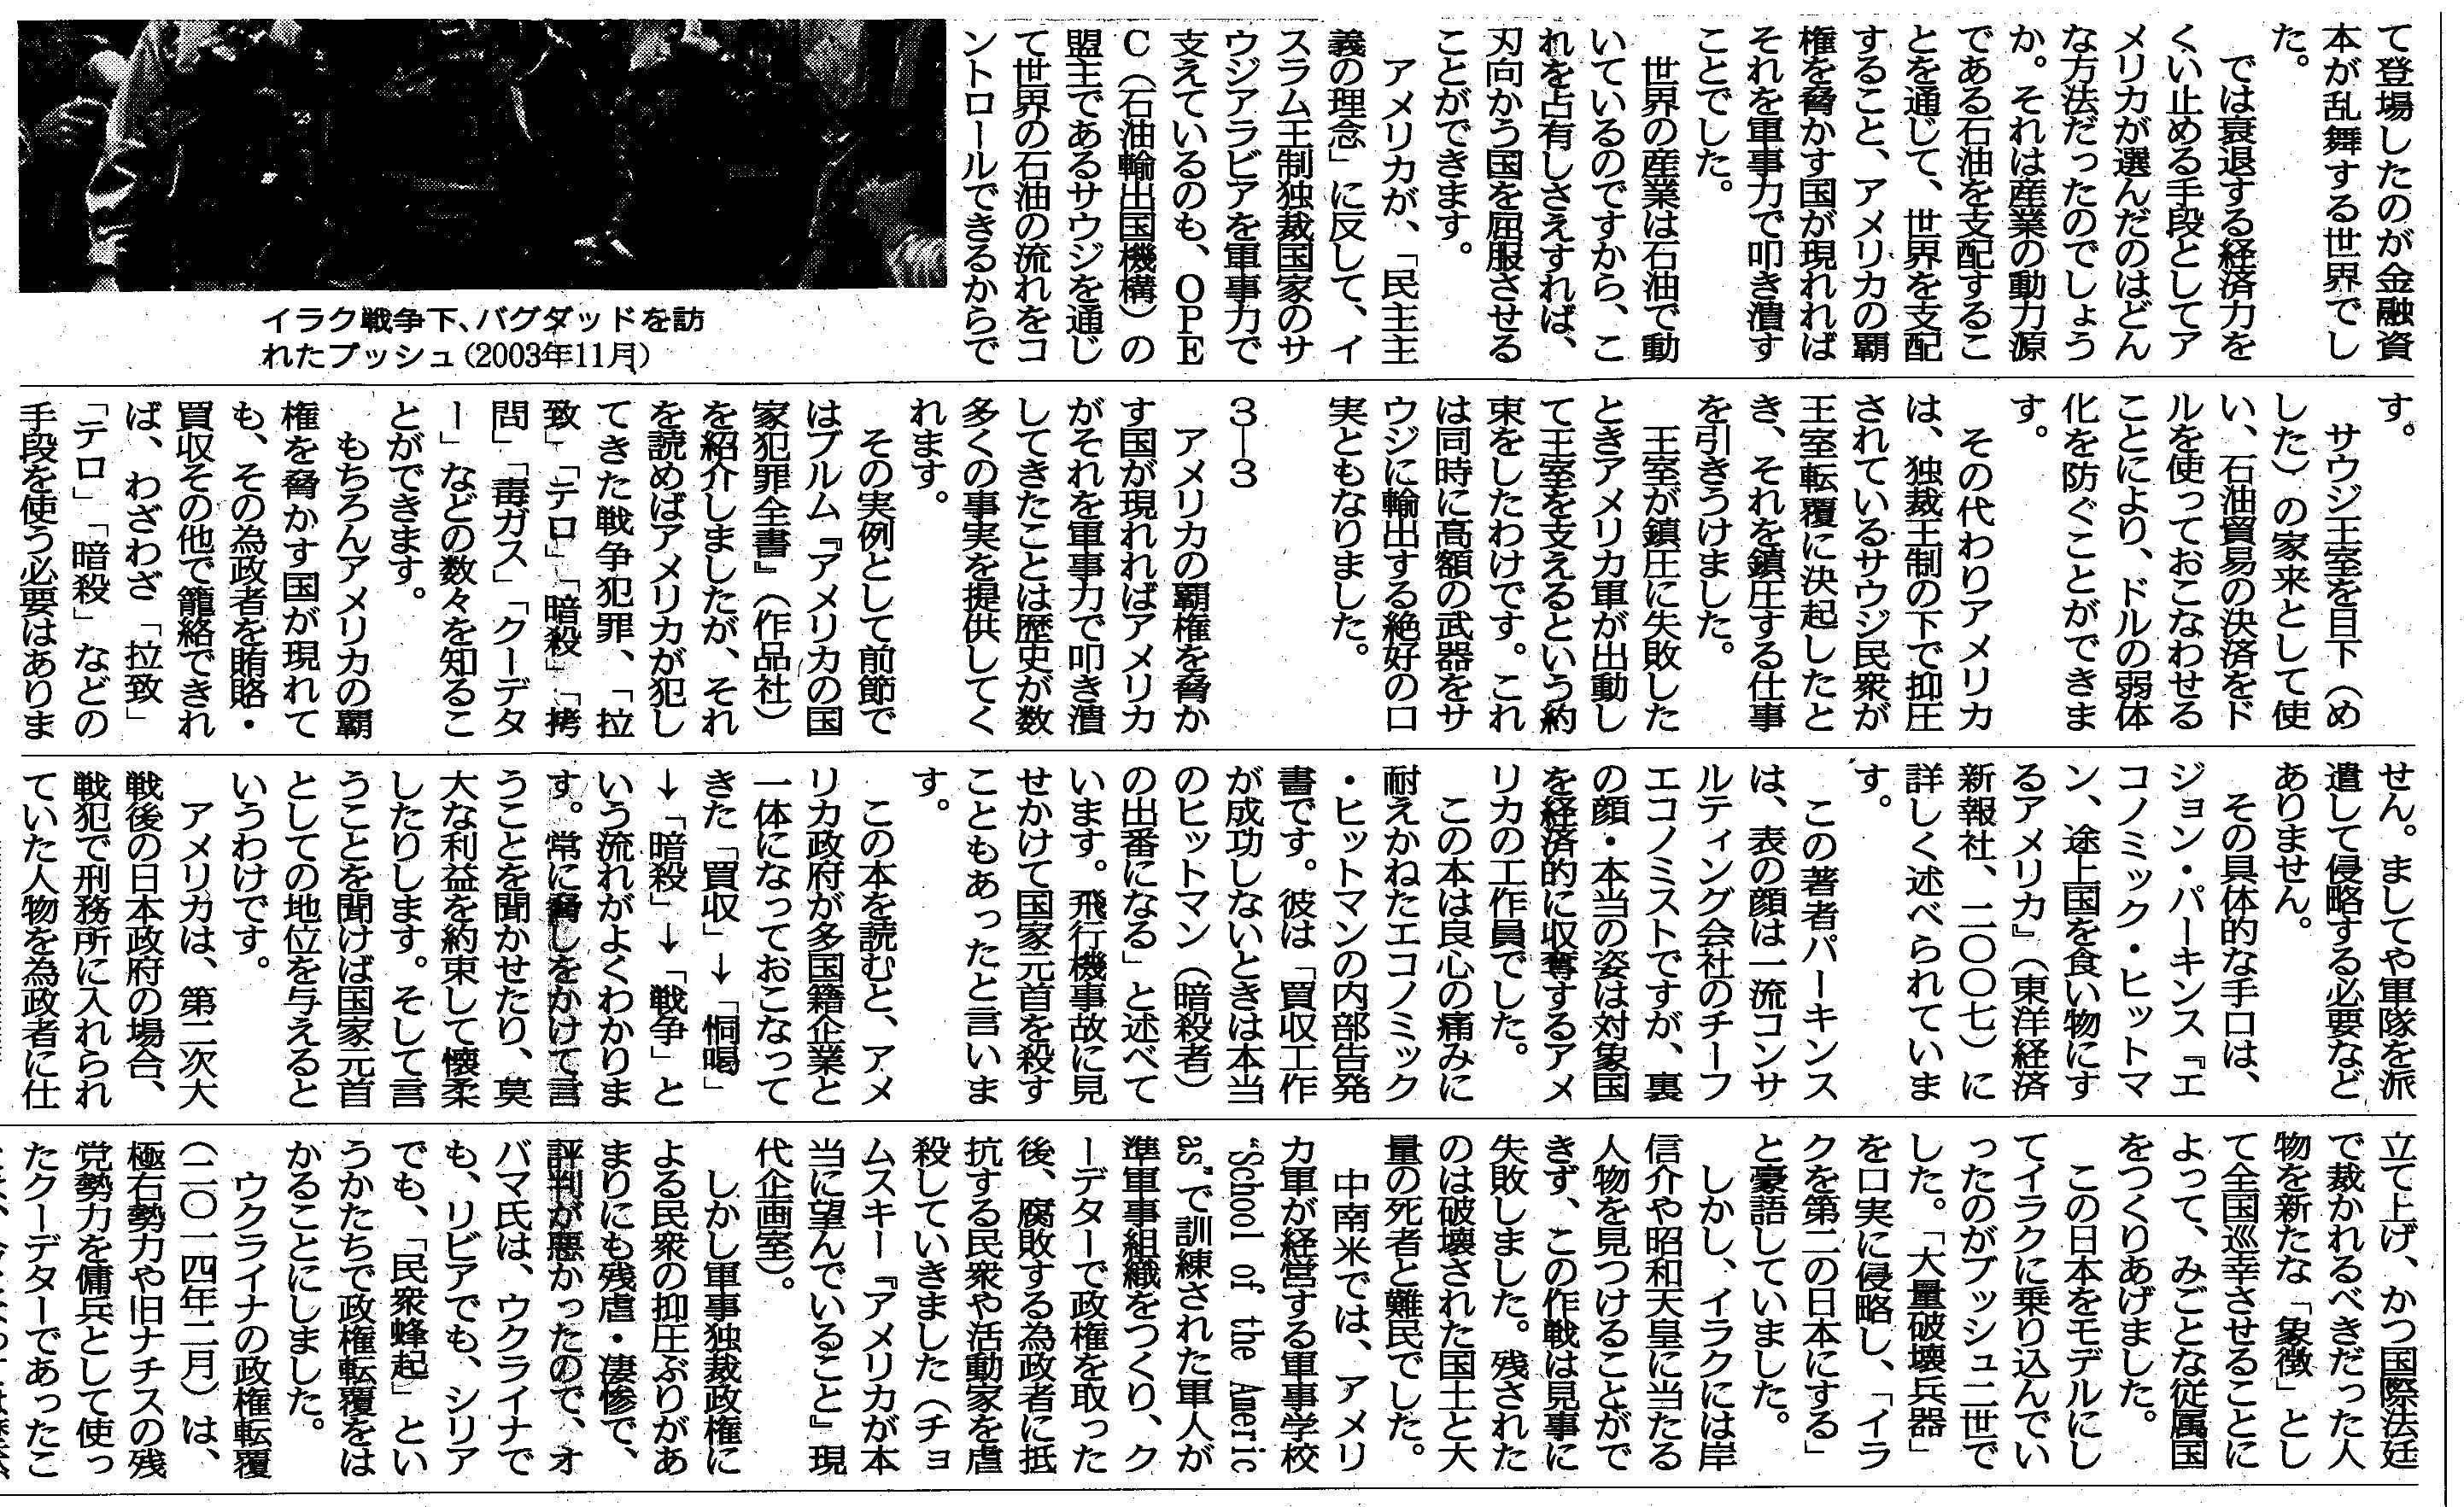 長州新聞20190208神に選ばれた国と神に選ばれた民に未来はあるか205